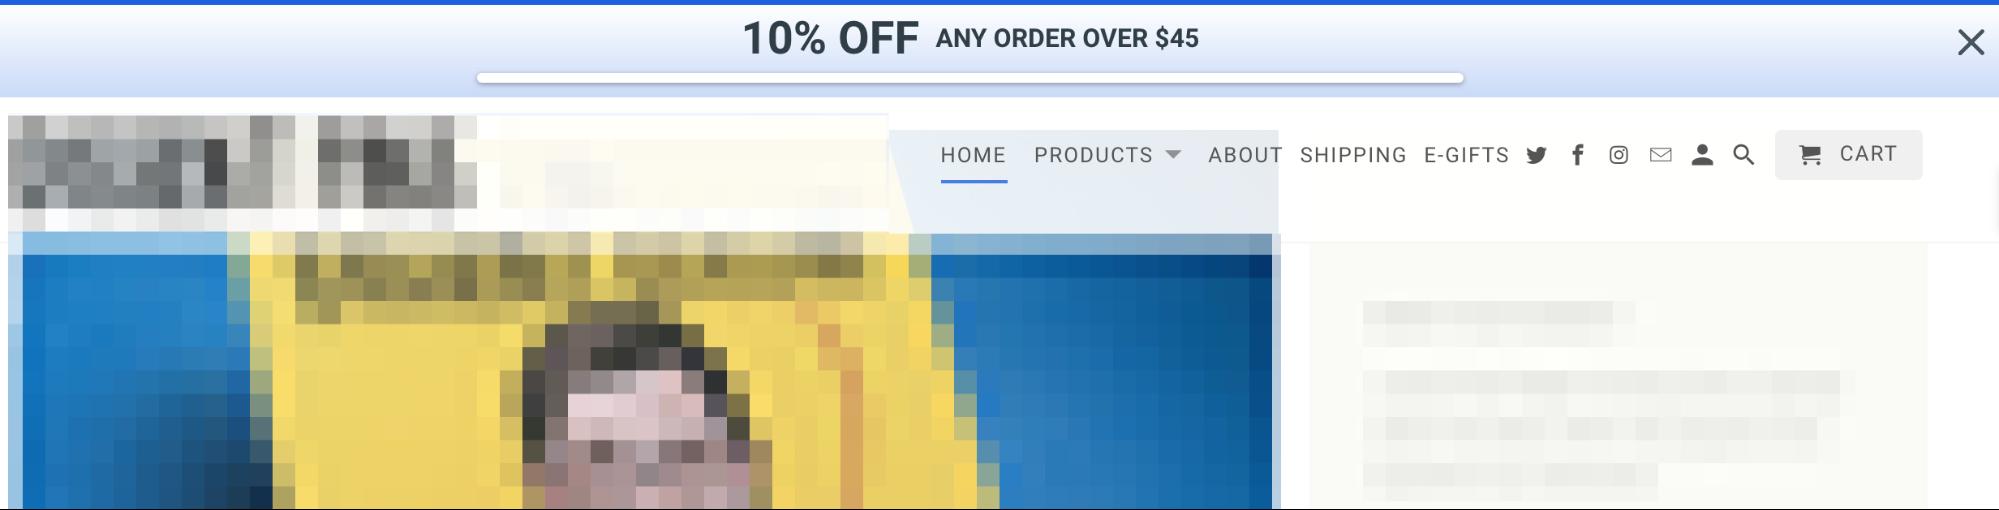 Screenshot showing a sumo shortcut bar offering a discount